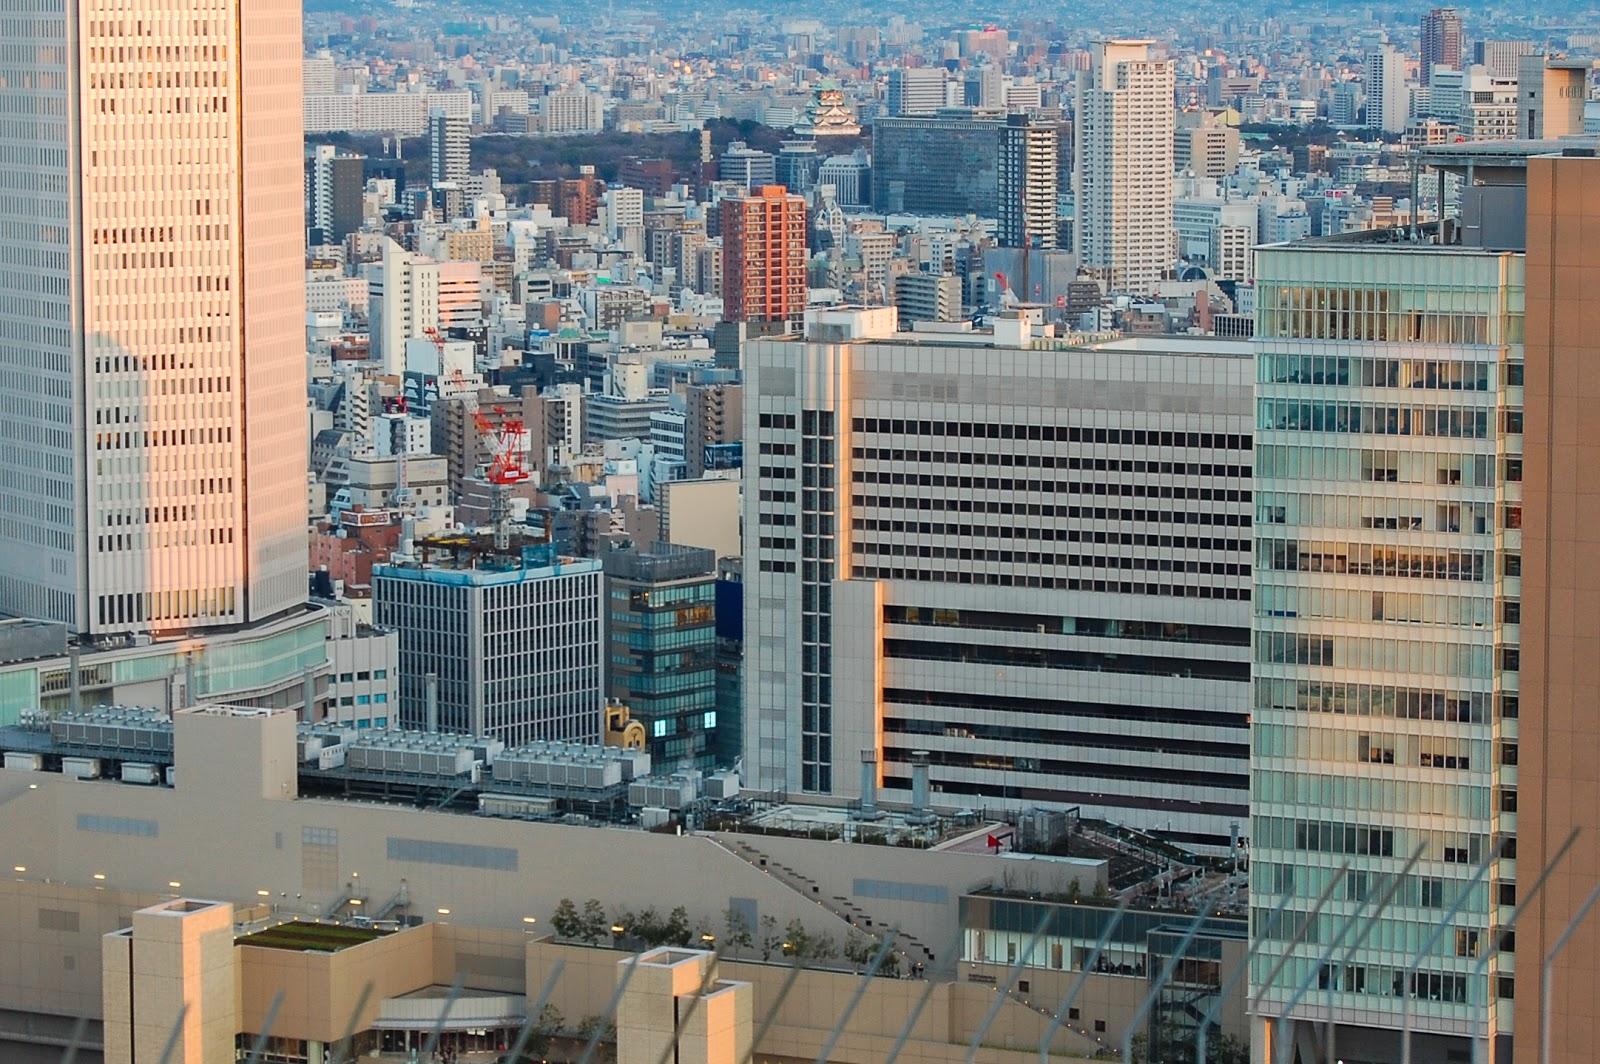 大阪の梅田の大阪城を含む市街の様子